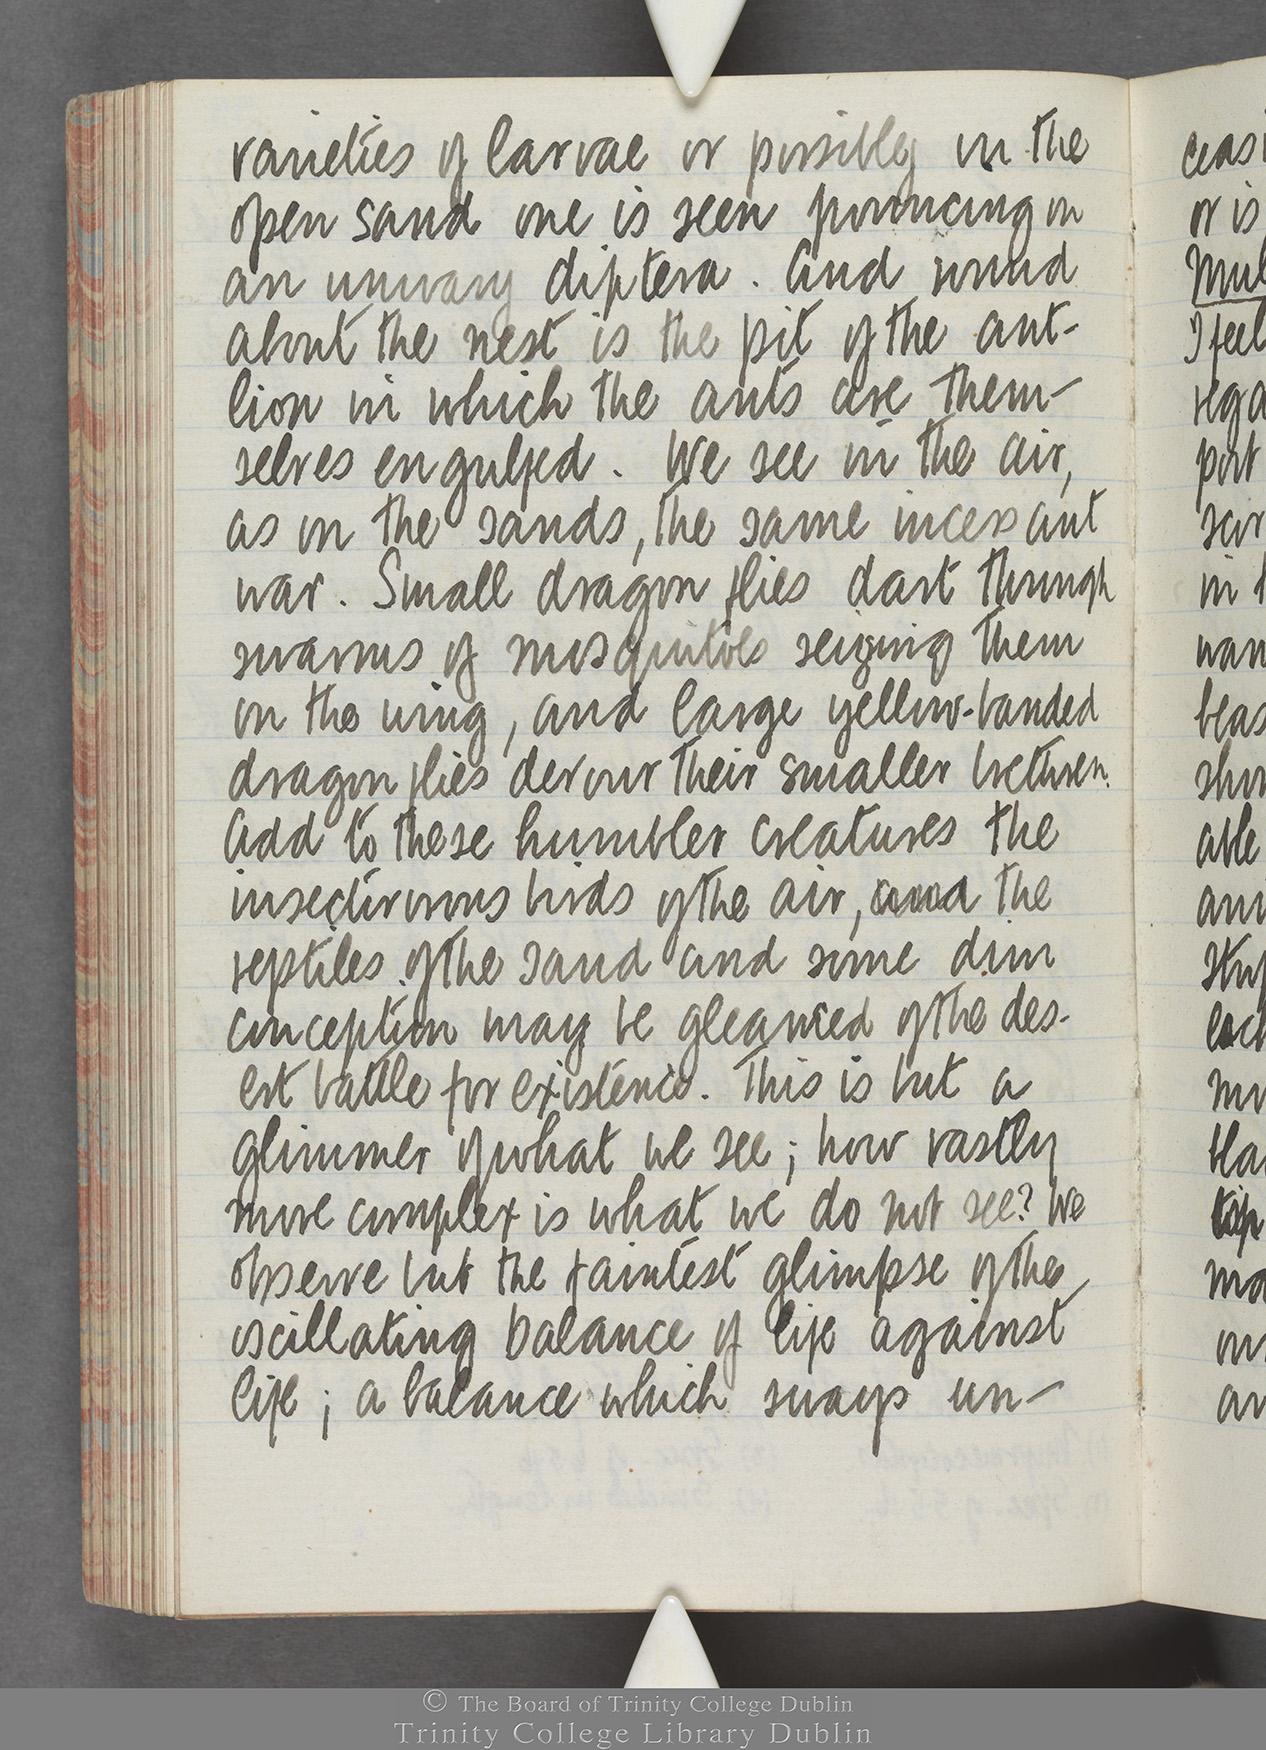 TCD MS 10515 folio 99 verso